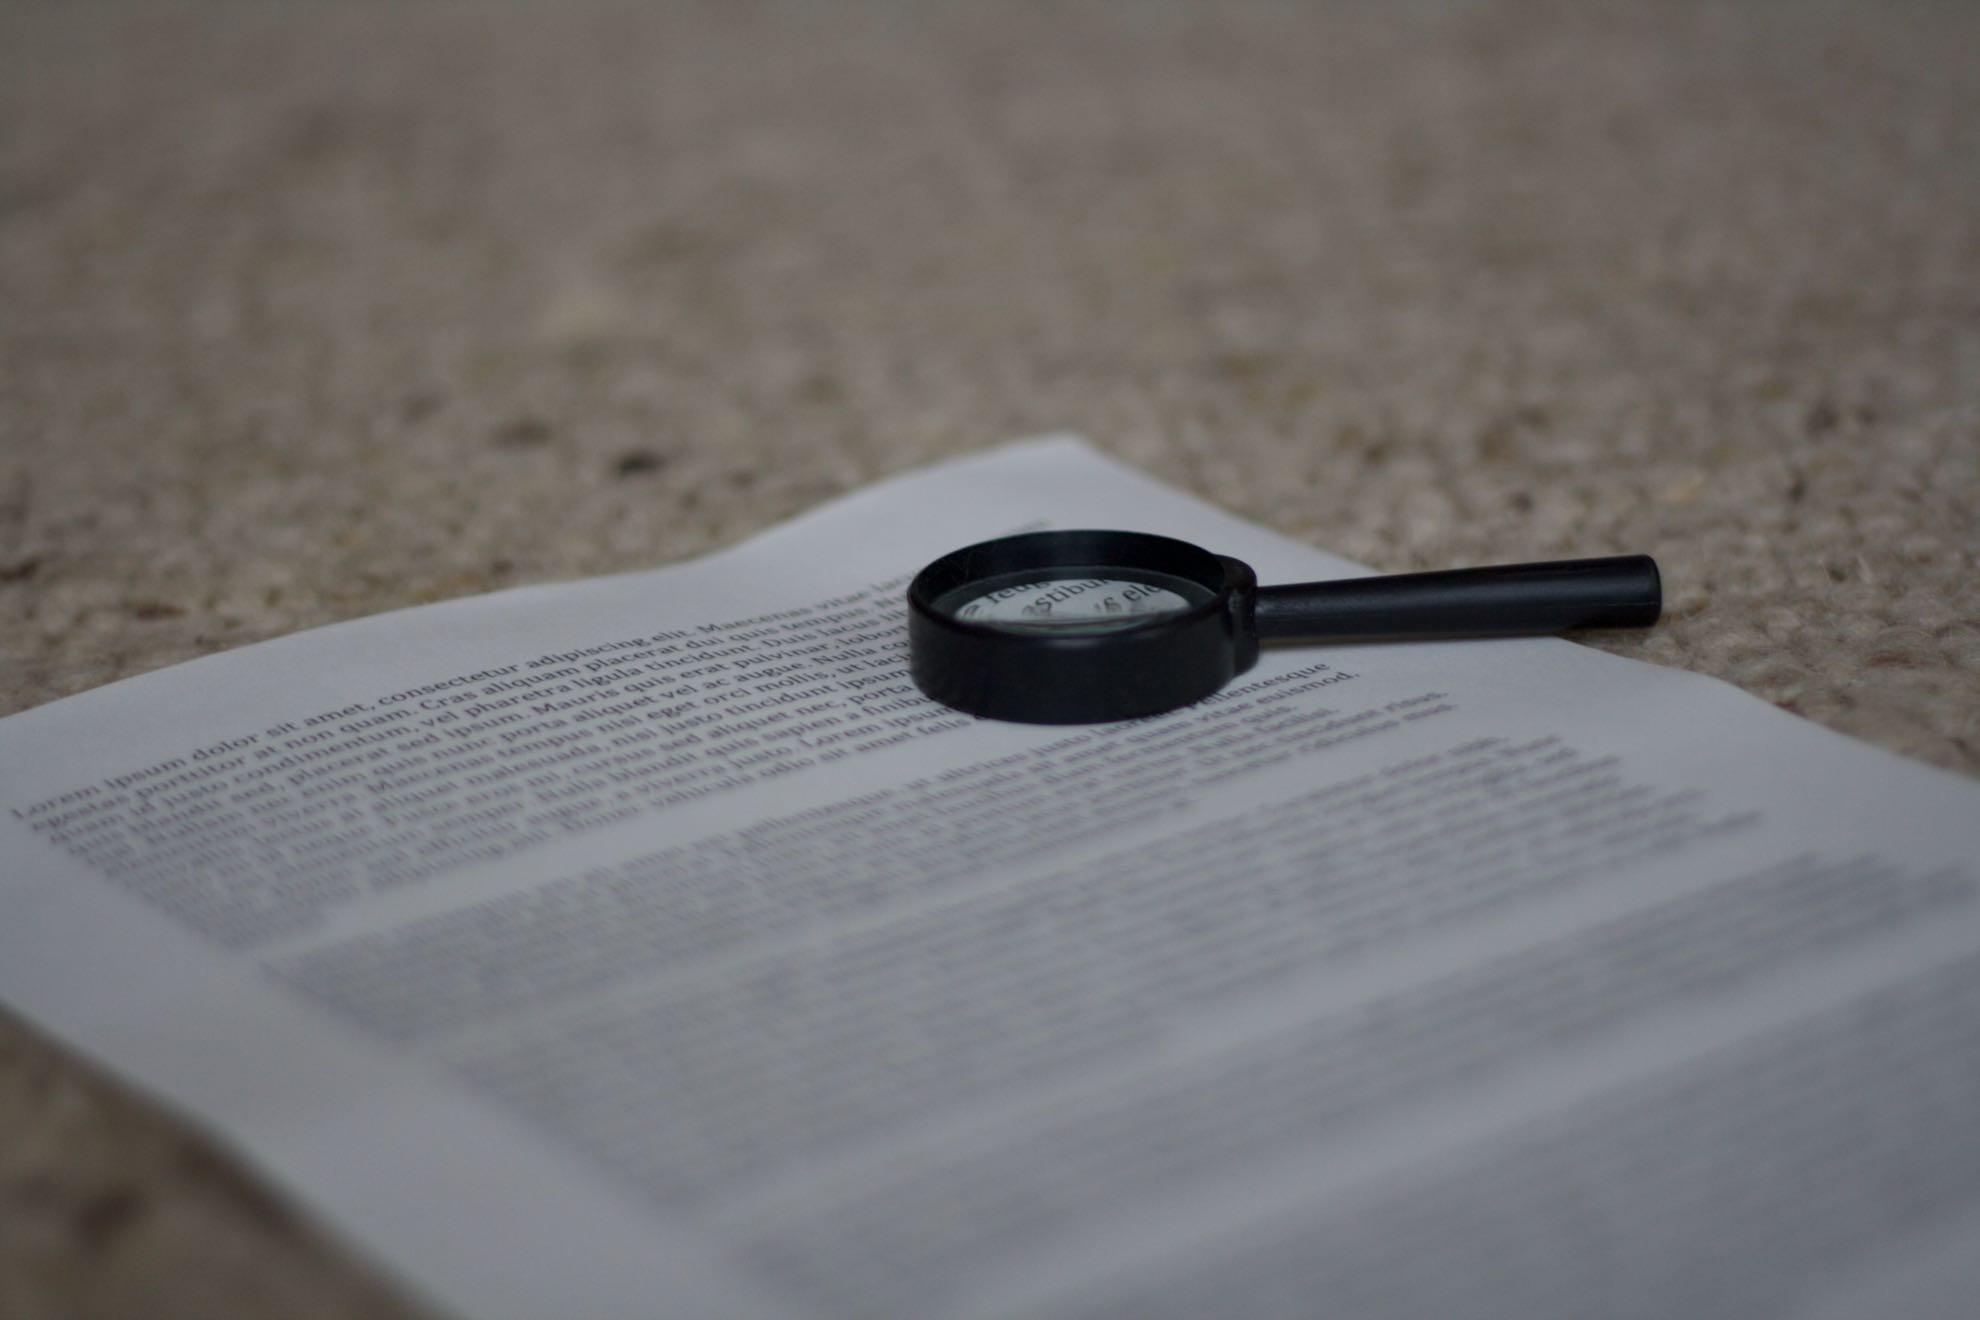 Lektorat wissenschaftlicher und geschäftlicher Texte, Korrekturlesen, Korrektur, Korrektorat, wissenschaftliches Lektorat